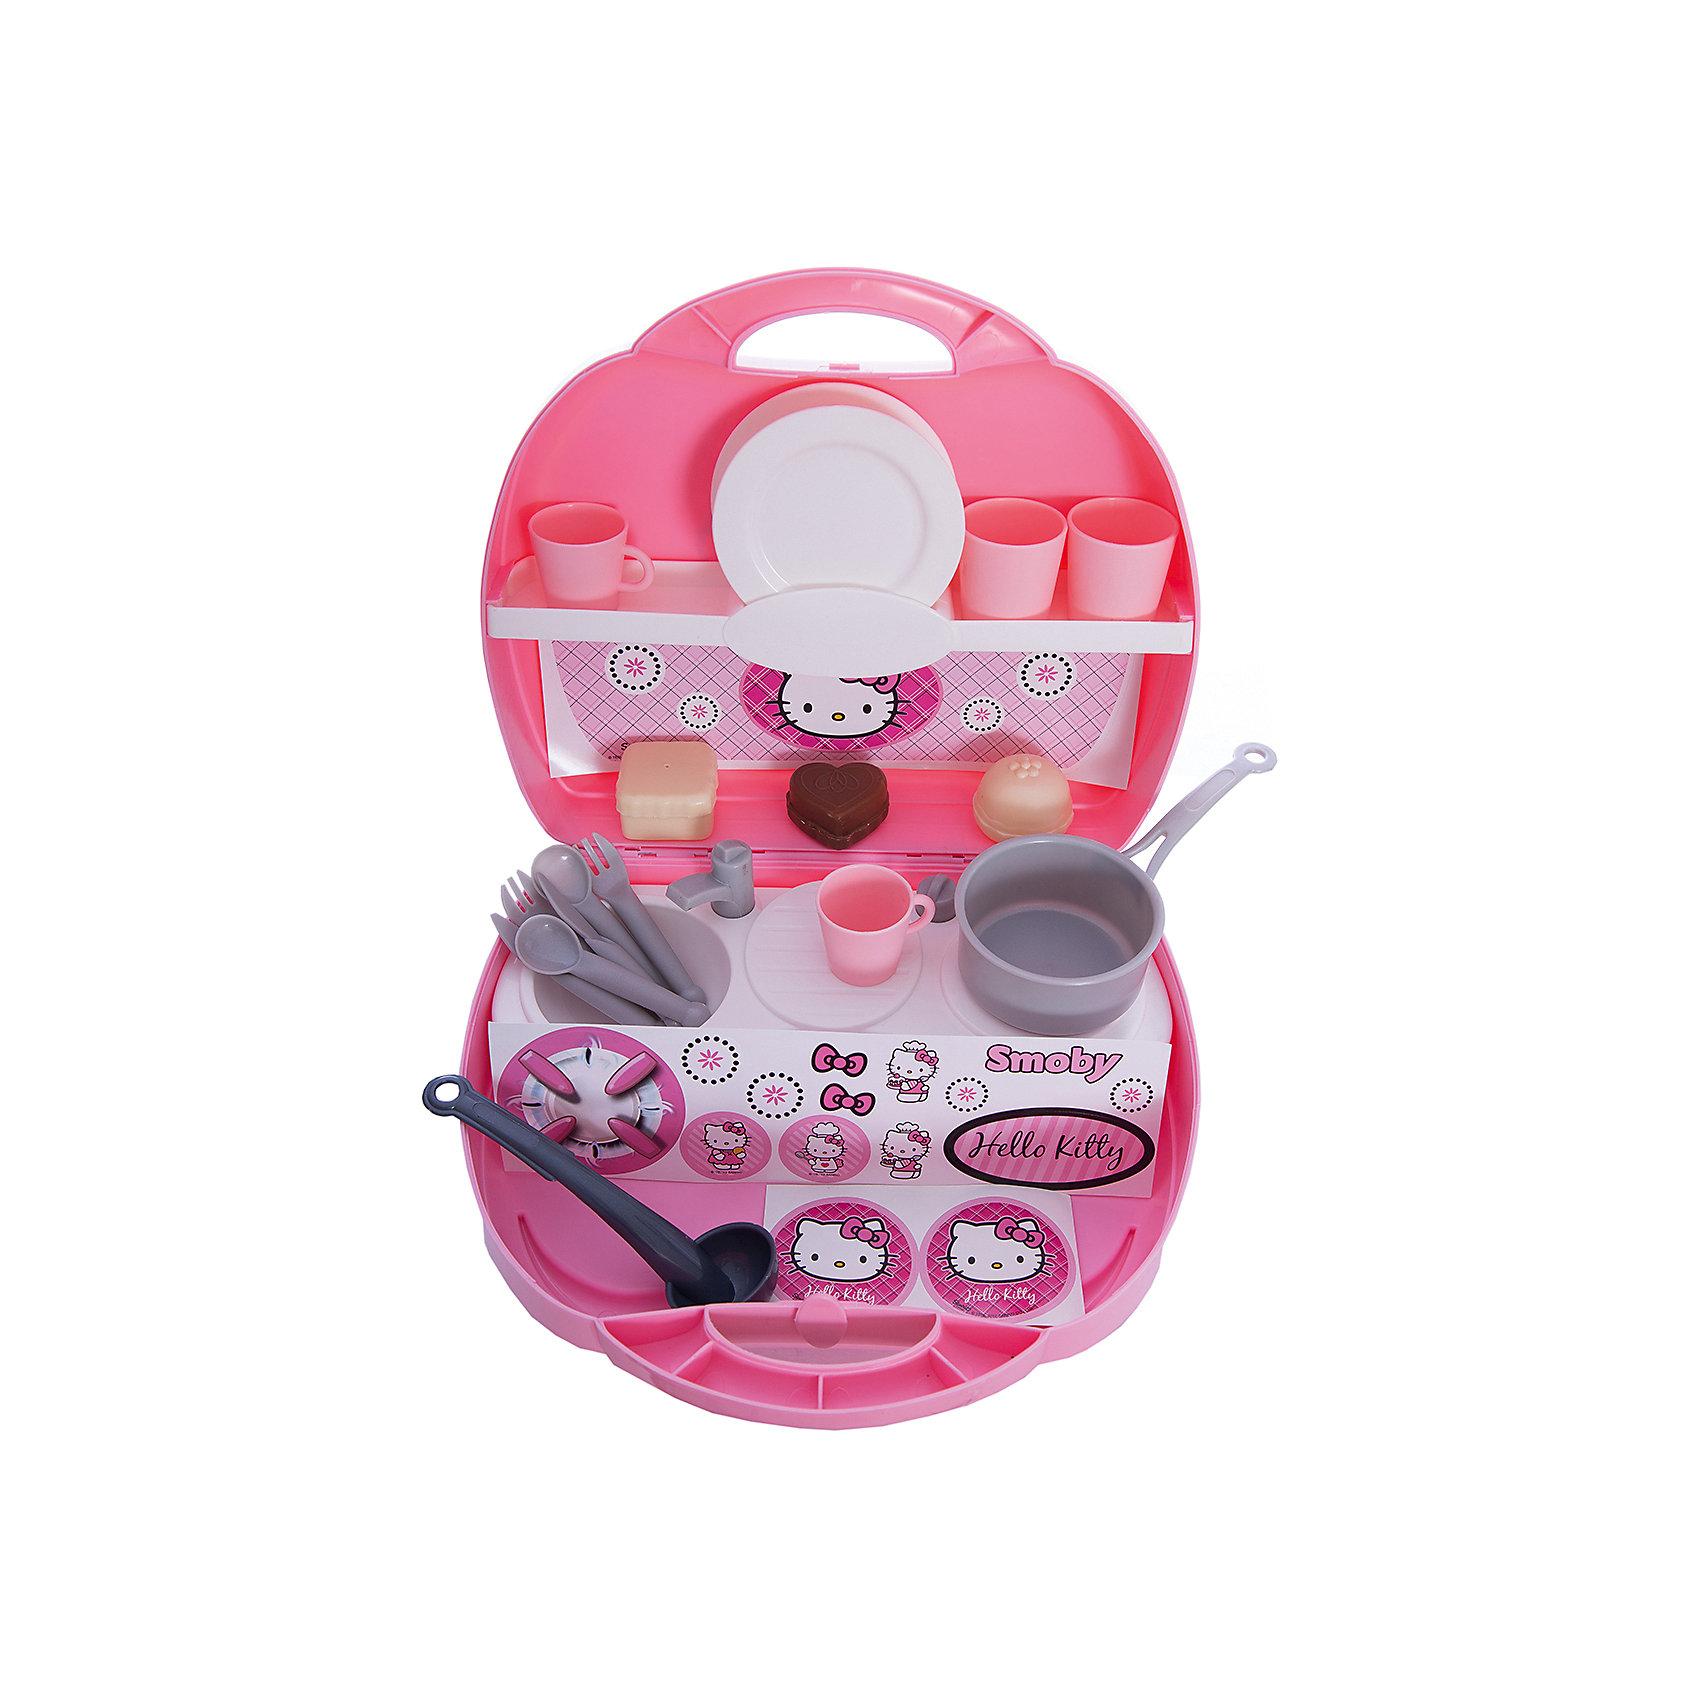 Smoby Мини-кухня в чемоданчике Hello Kitty, 25,5*22,5*10 см, Smoby кухня игрушечная smoby smoby детская кухня для девочек minnie мини